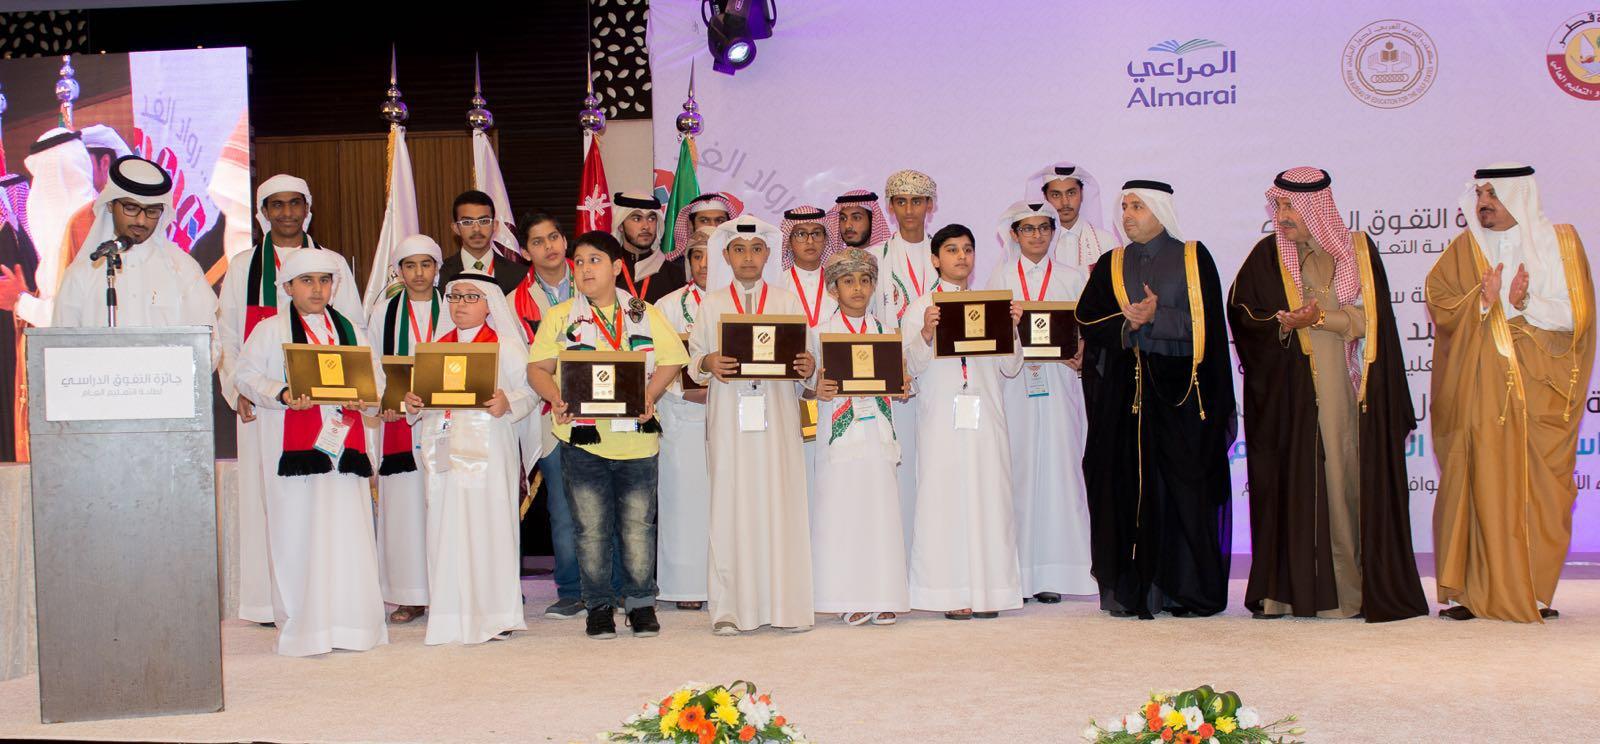 محمد باحارث اول طالب من تعليم الليث يتوج بجائزة التفوق الدراسي على مستوى الخليج العربي (3)